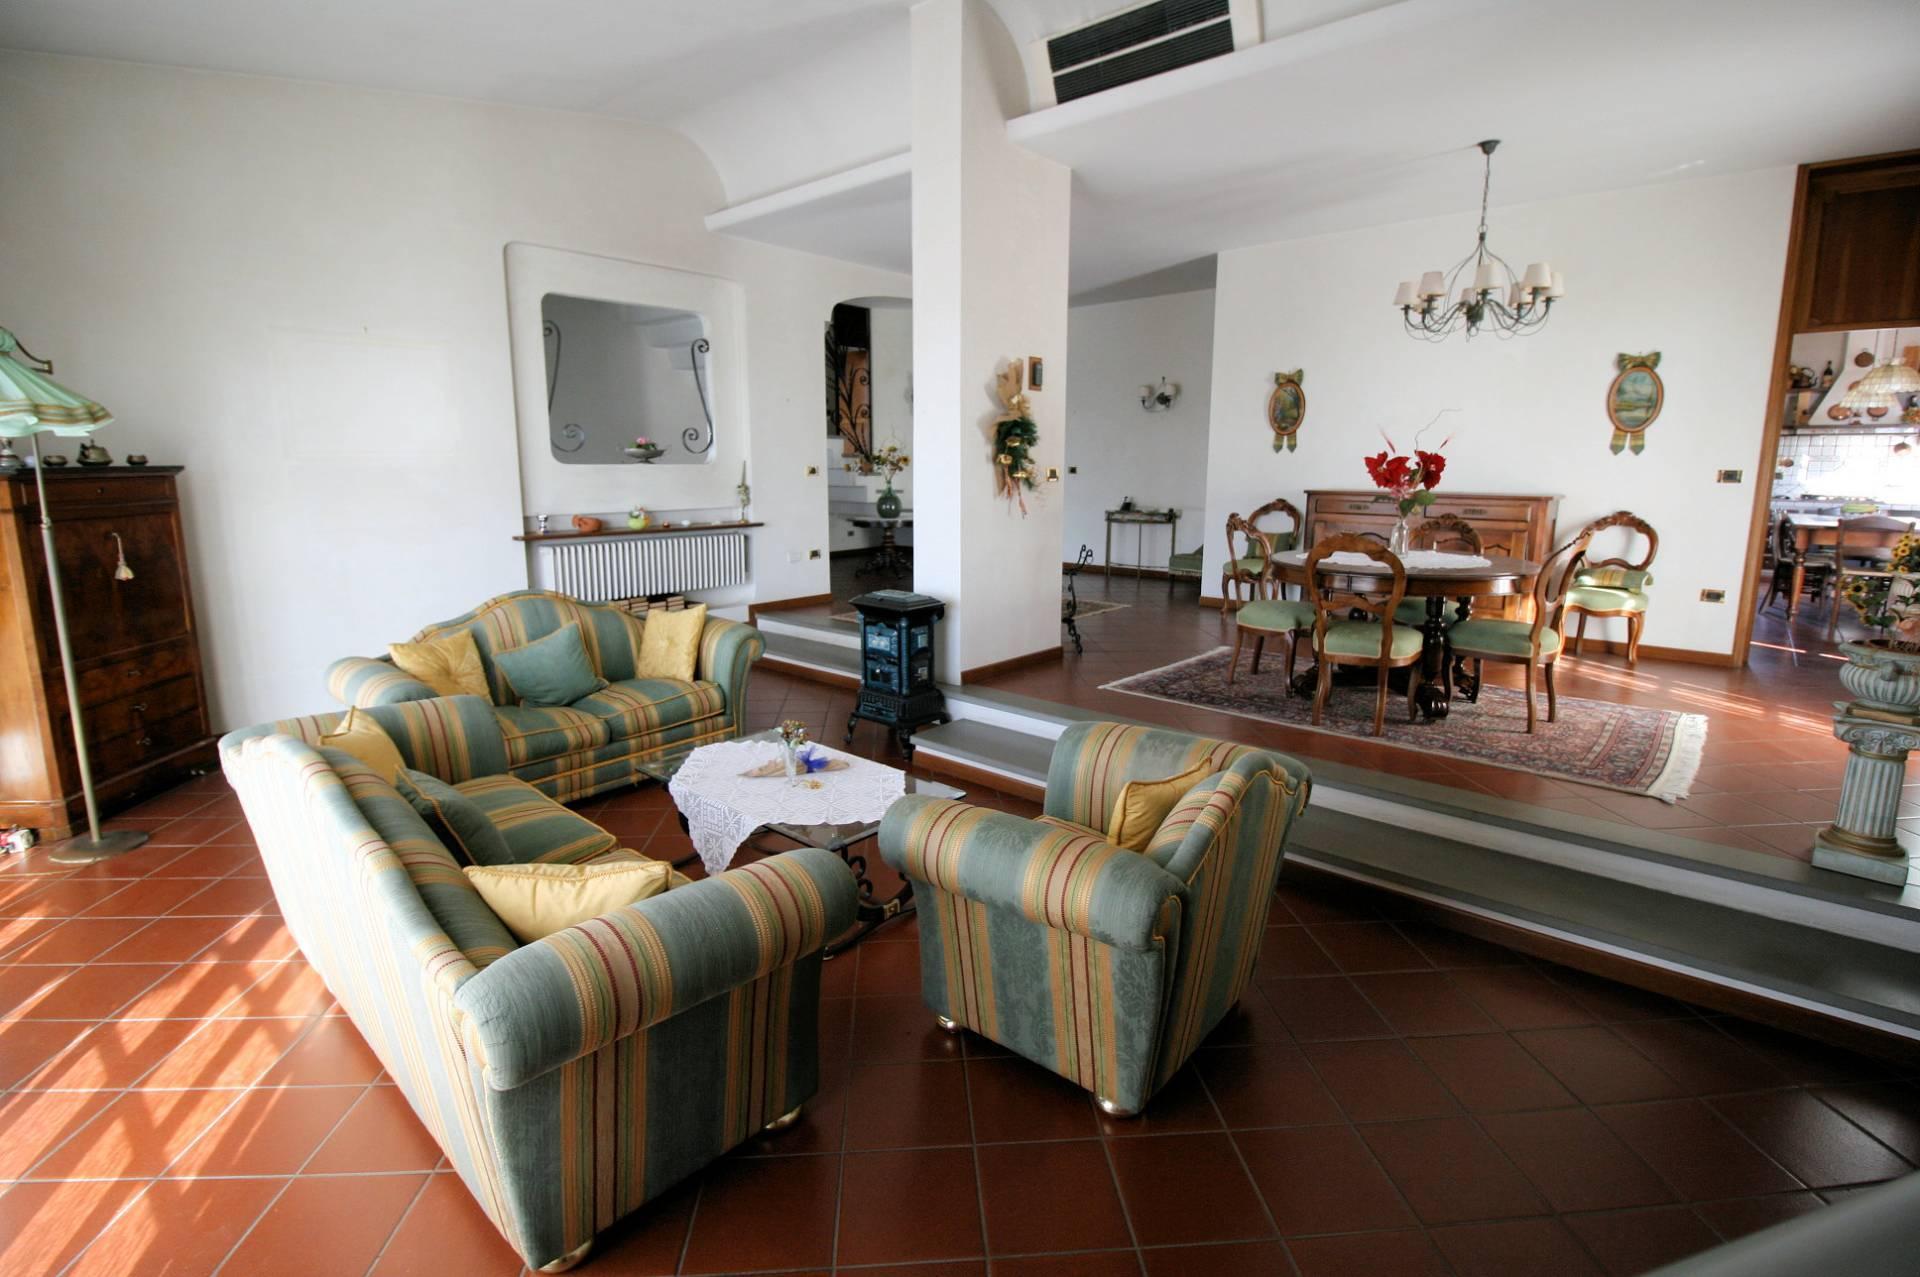 1203-Villa unifamiliare di grande metratura con giardino-Montecatini-Terme-1 Agenzia Immobiliare ASIP